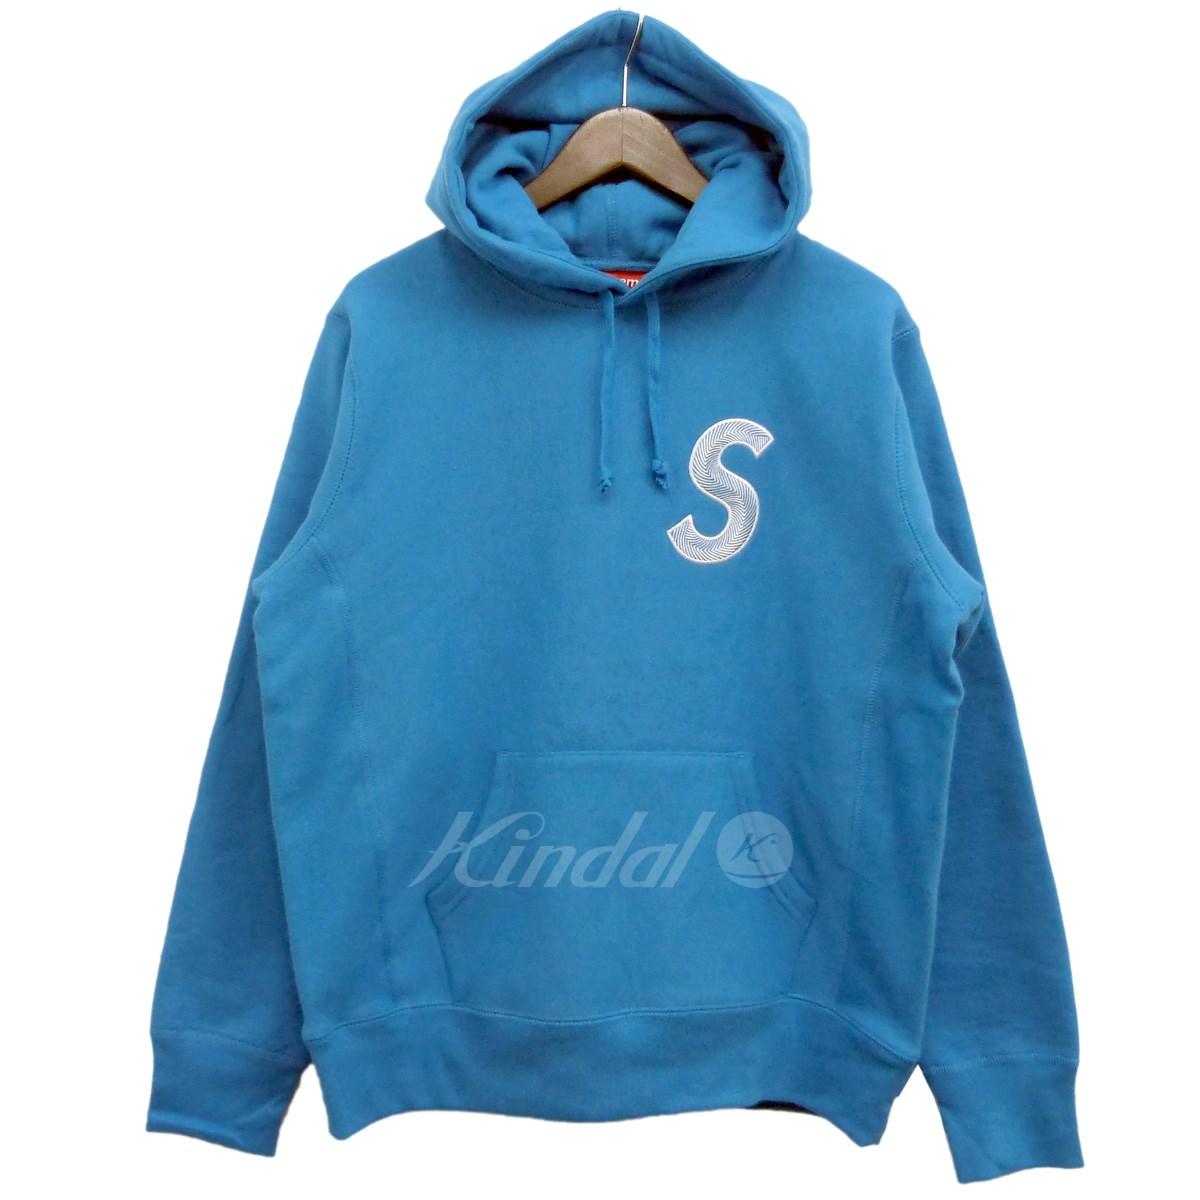 【中古】SUPREME 18AW「S Logo Hooded Sweatshirt」エスロゴプルオーバーパーカー ブライトロイヤル サイズ:S 【送料無料】 【101118】(シュプリーム)